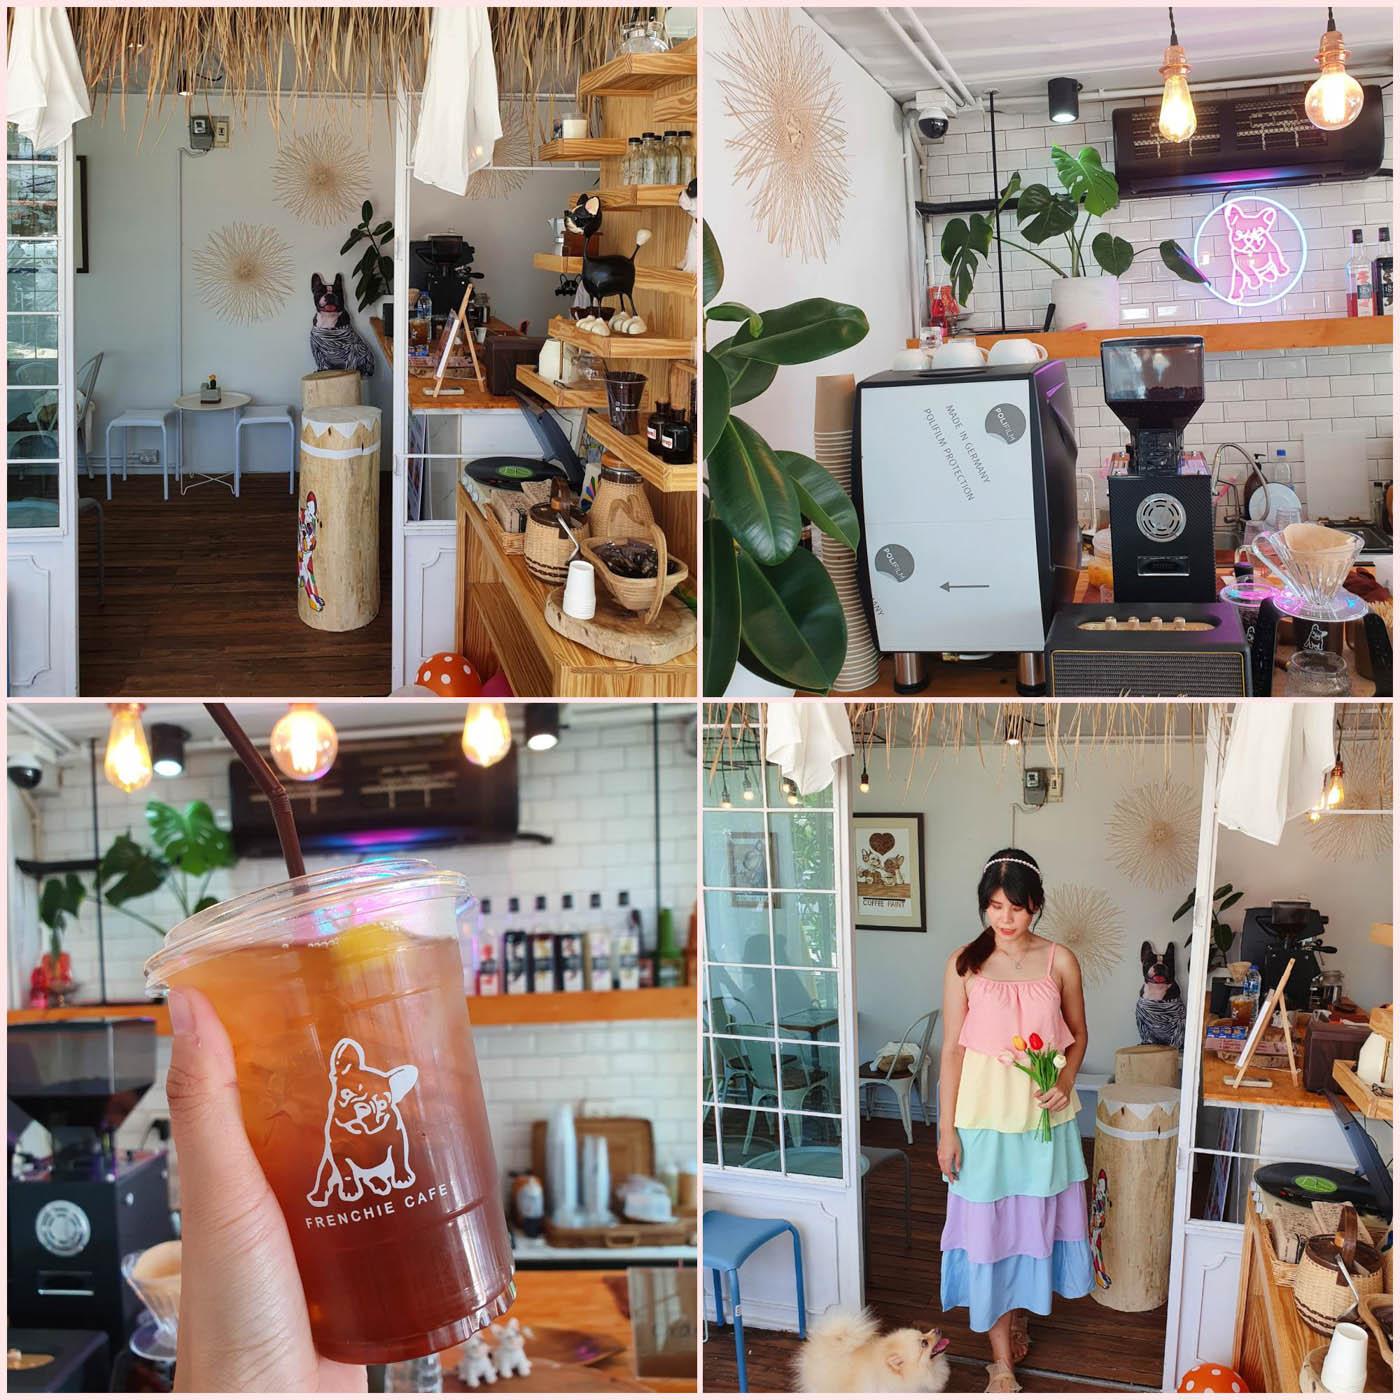 ปักหมุดเช็คอิน Cafe fenc หาร้านกาแฟดีๆ เบเกอรี่อร่อยๆ ต้องร้านนี้เลยห้ามพลาด!!